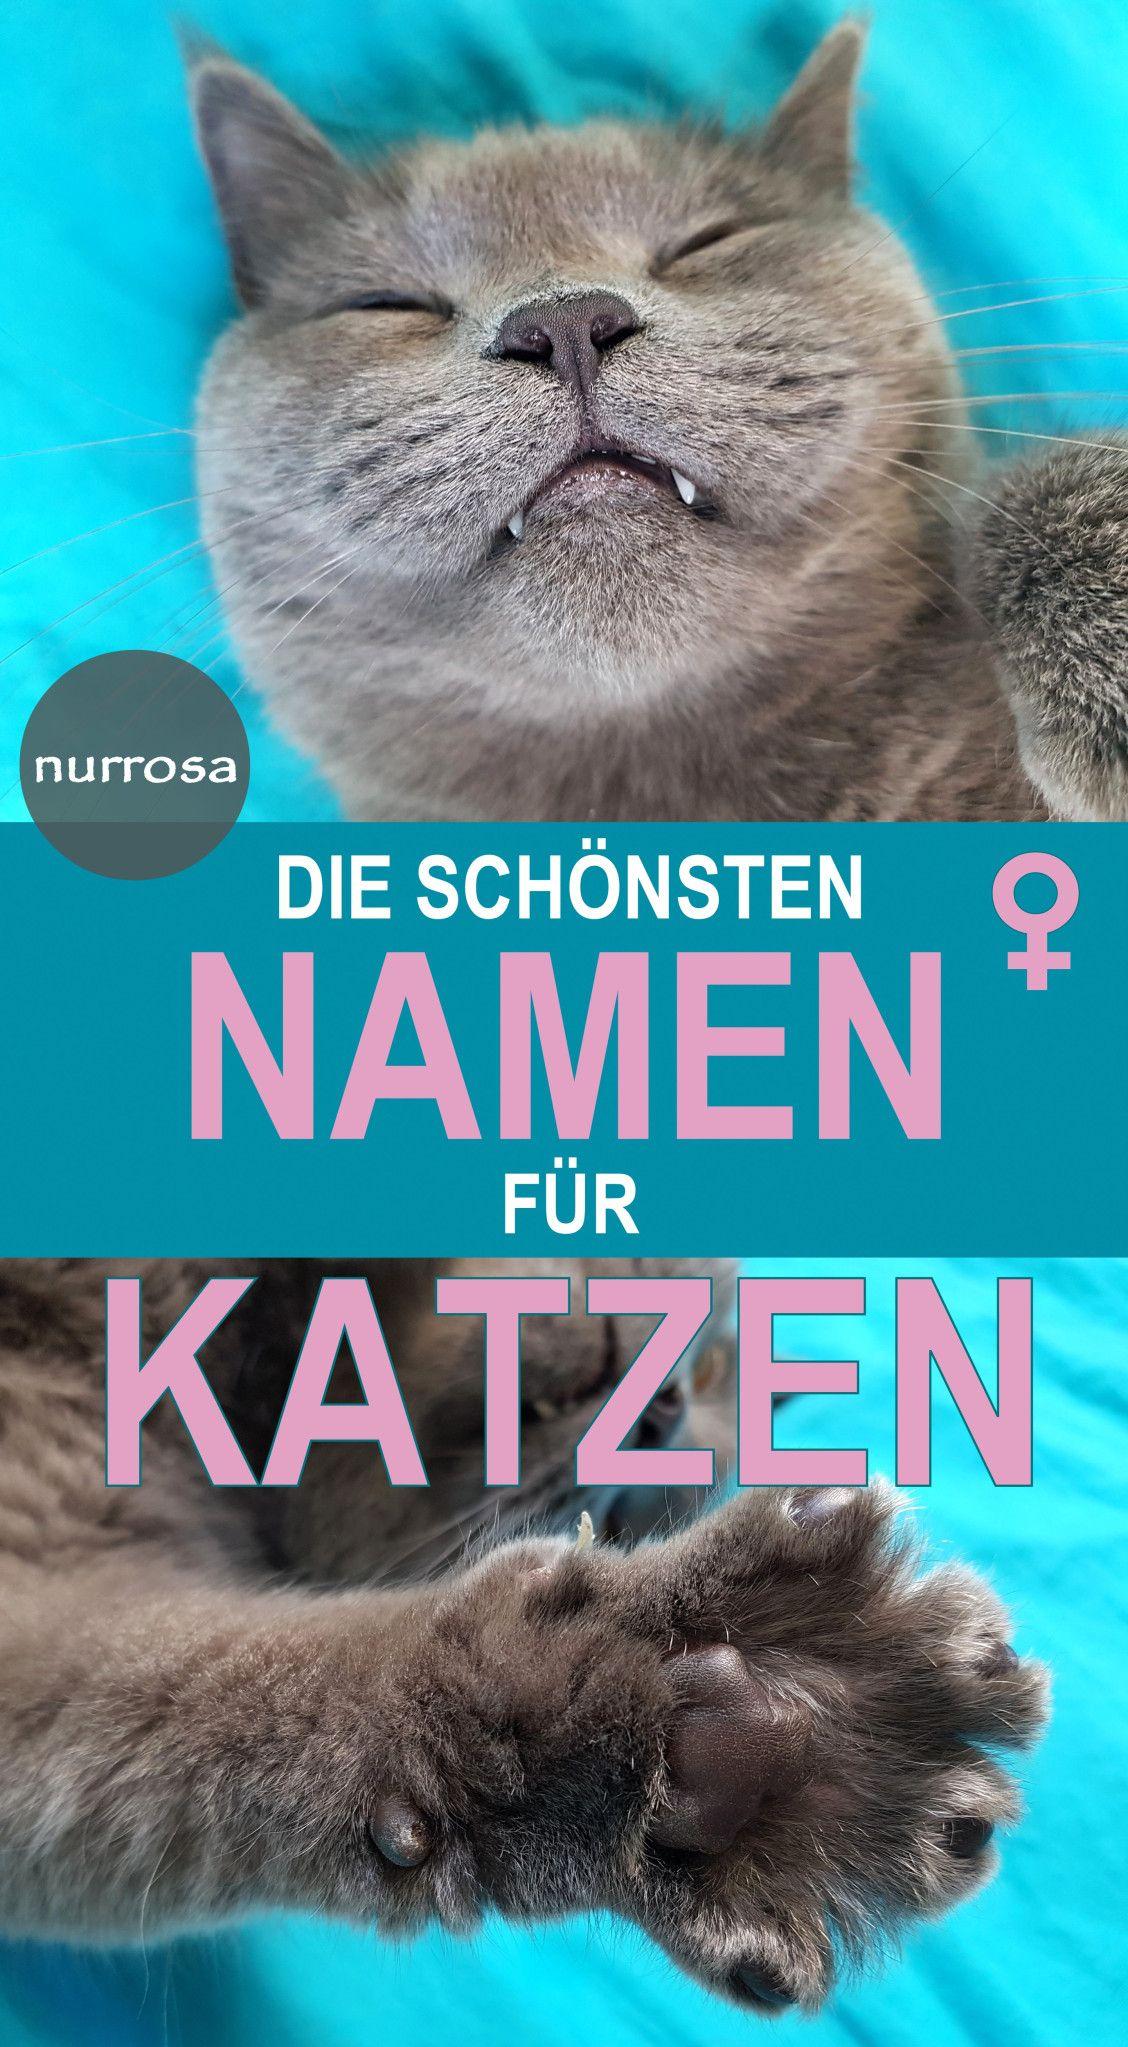 Die Schonsten Namen Fur Weibliche Katzen In 2020 Mit Bildern